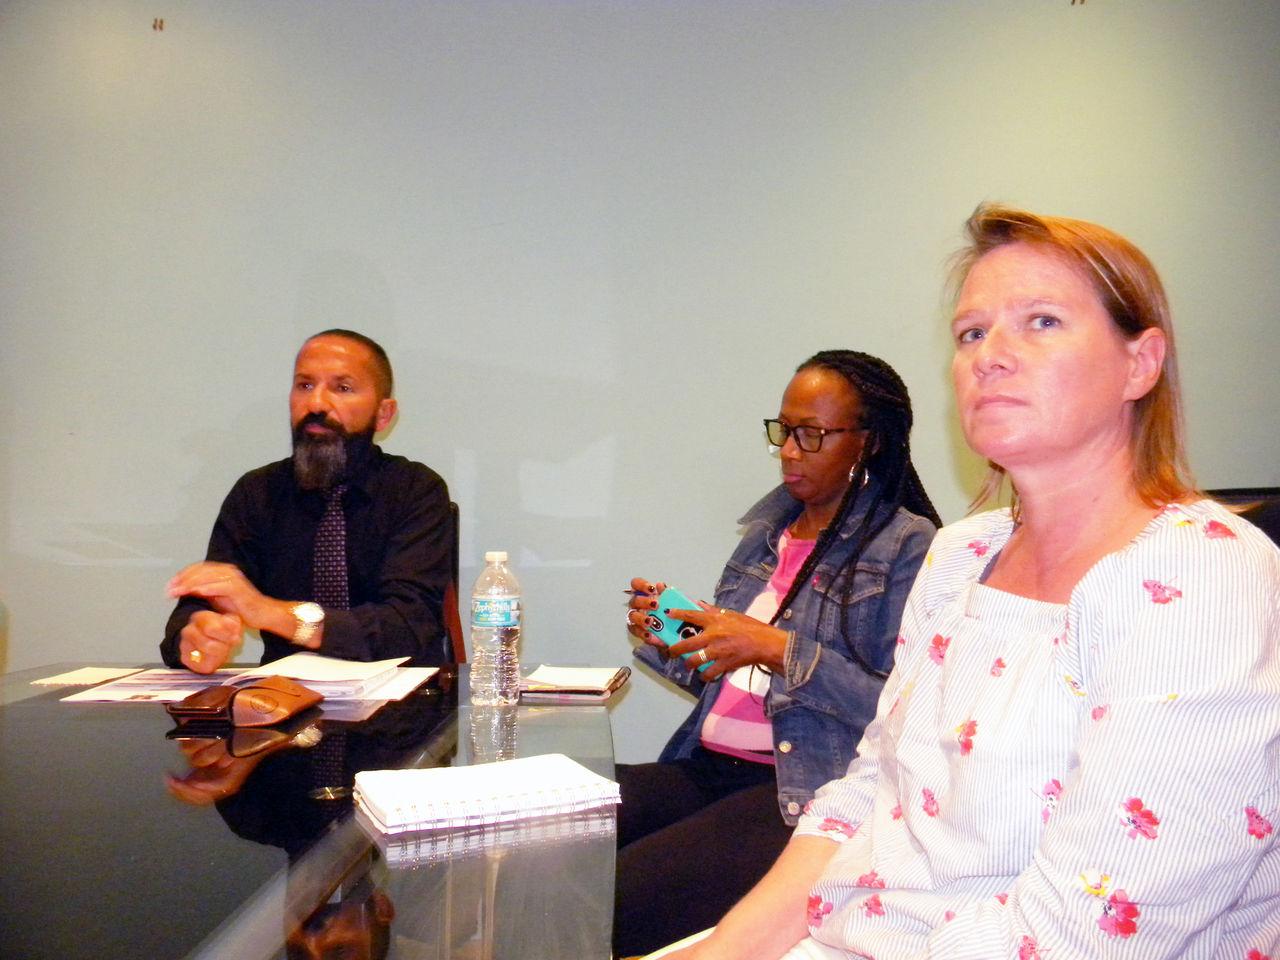 nouveau lycée français à Fort Lauderdale : L'International School of French Studies